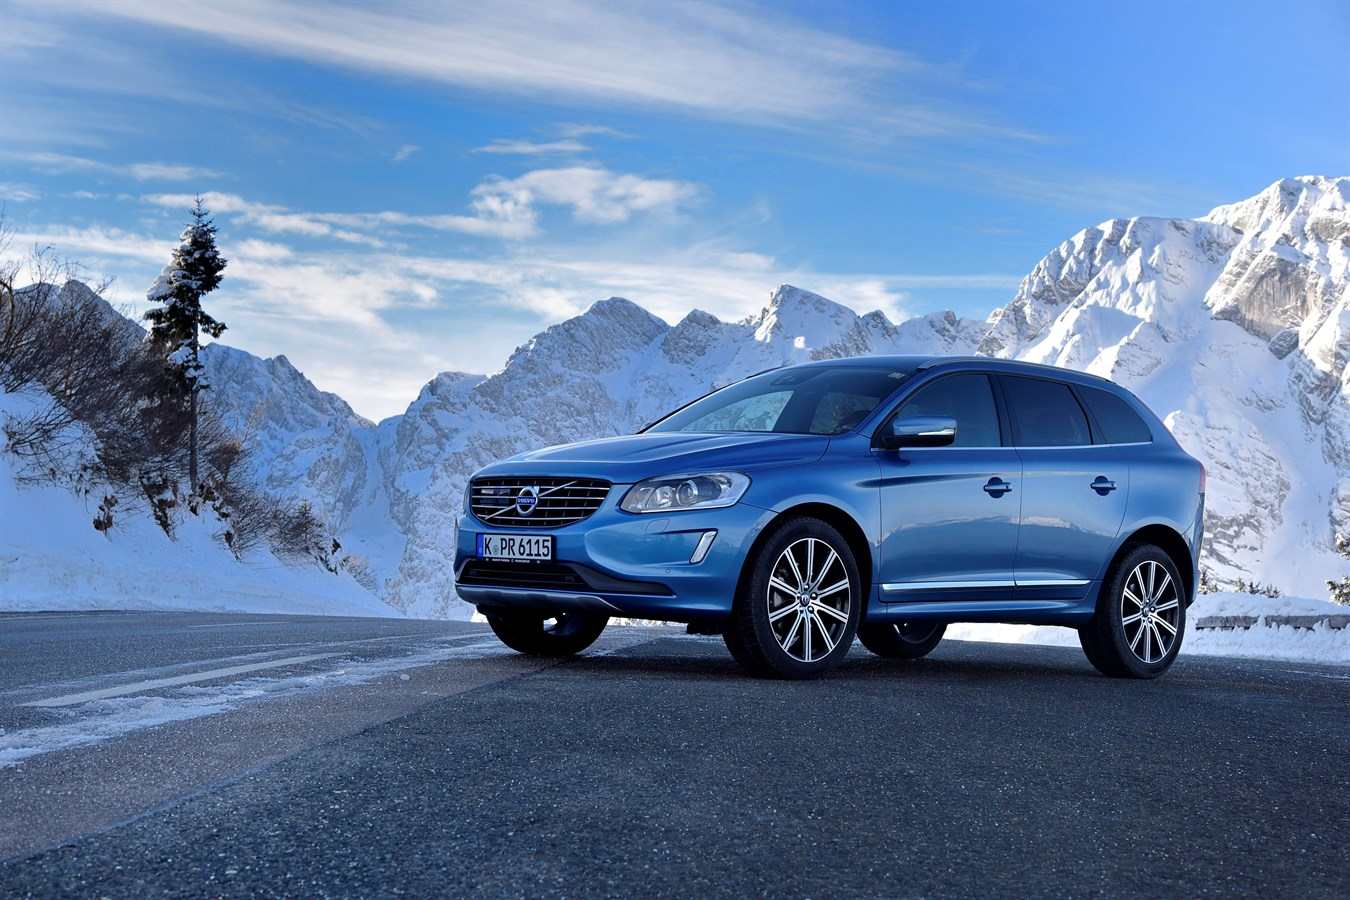 Volvo Xc60 Model Year 2017 Volvo Car Switzerland Ag